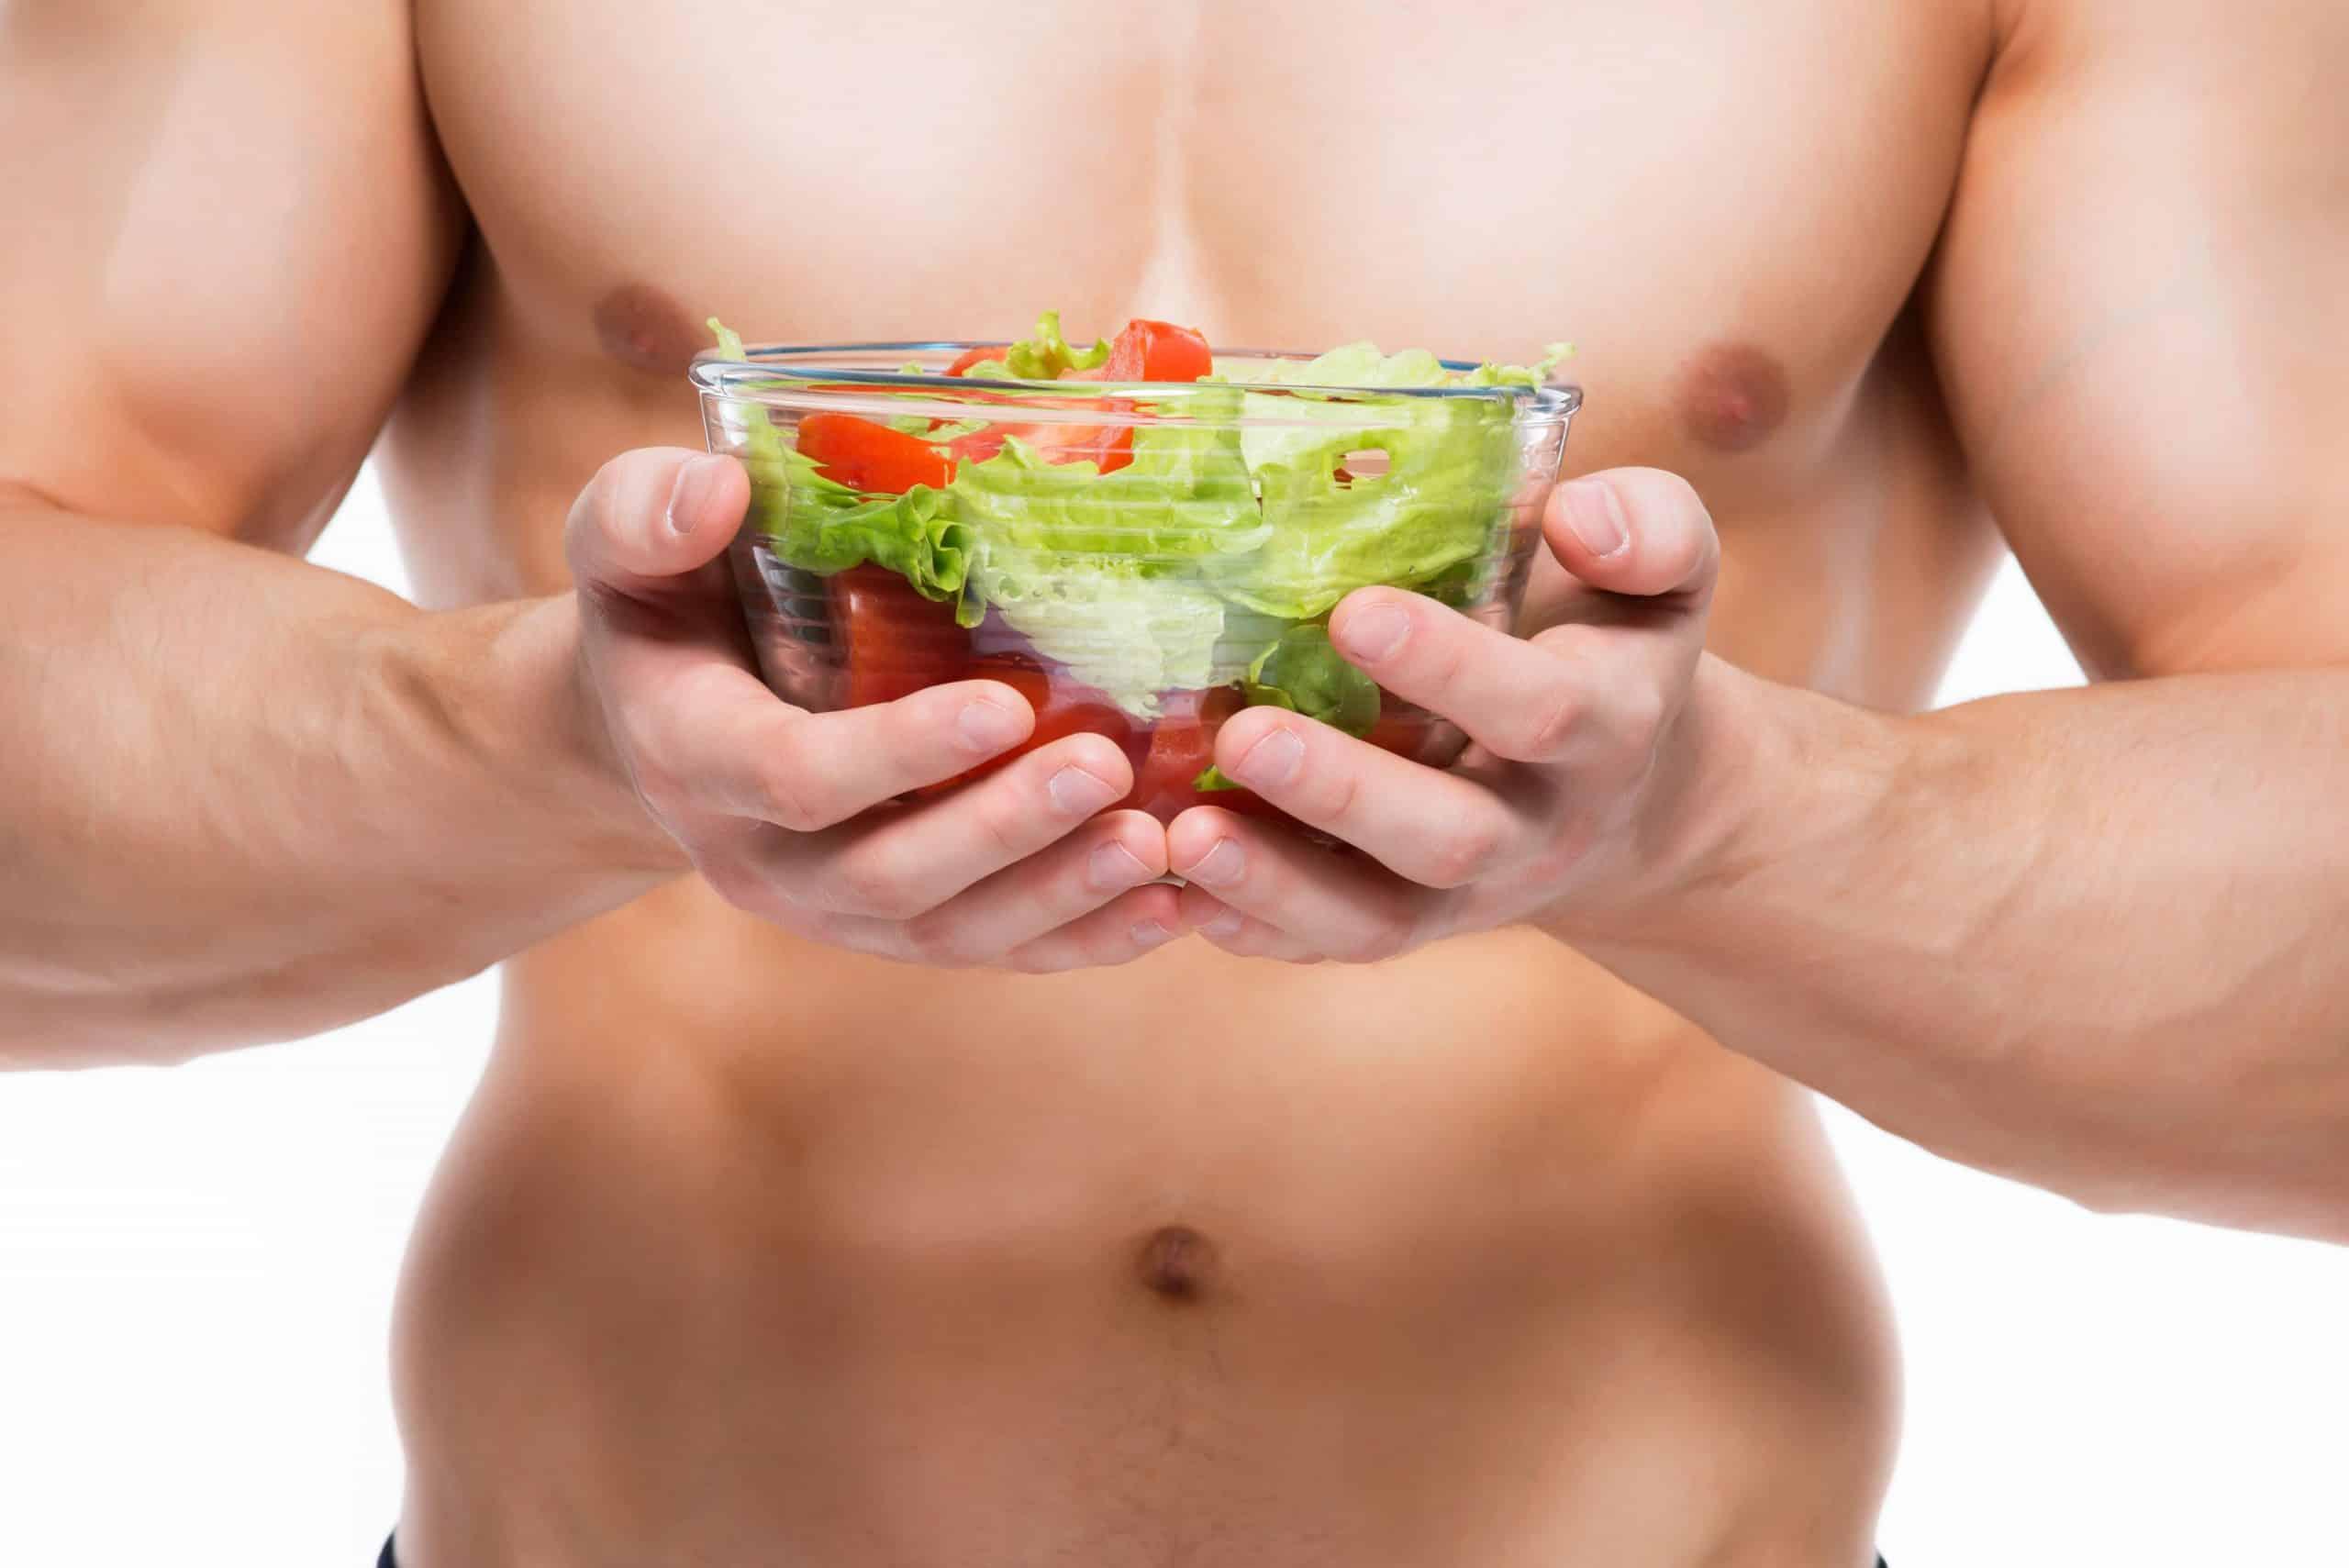 Dieta zawodowych sportowców – czym różni się jadłospis zawodników uprawiających różne dyscypliny?